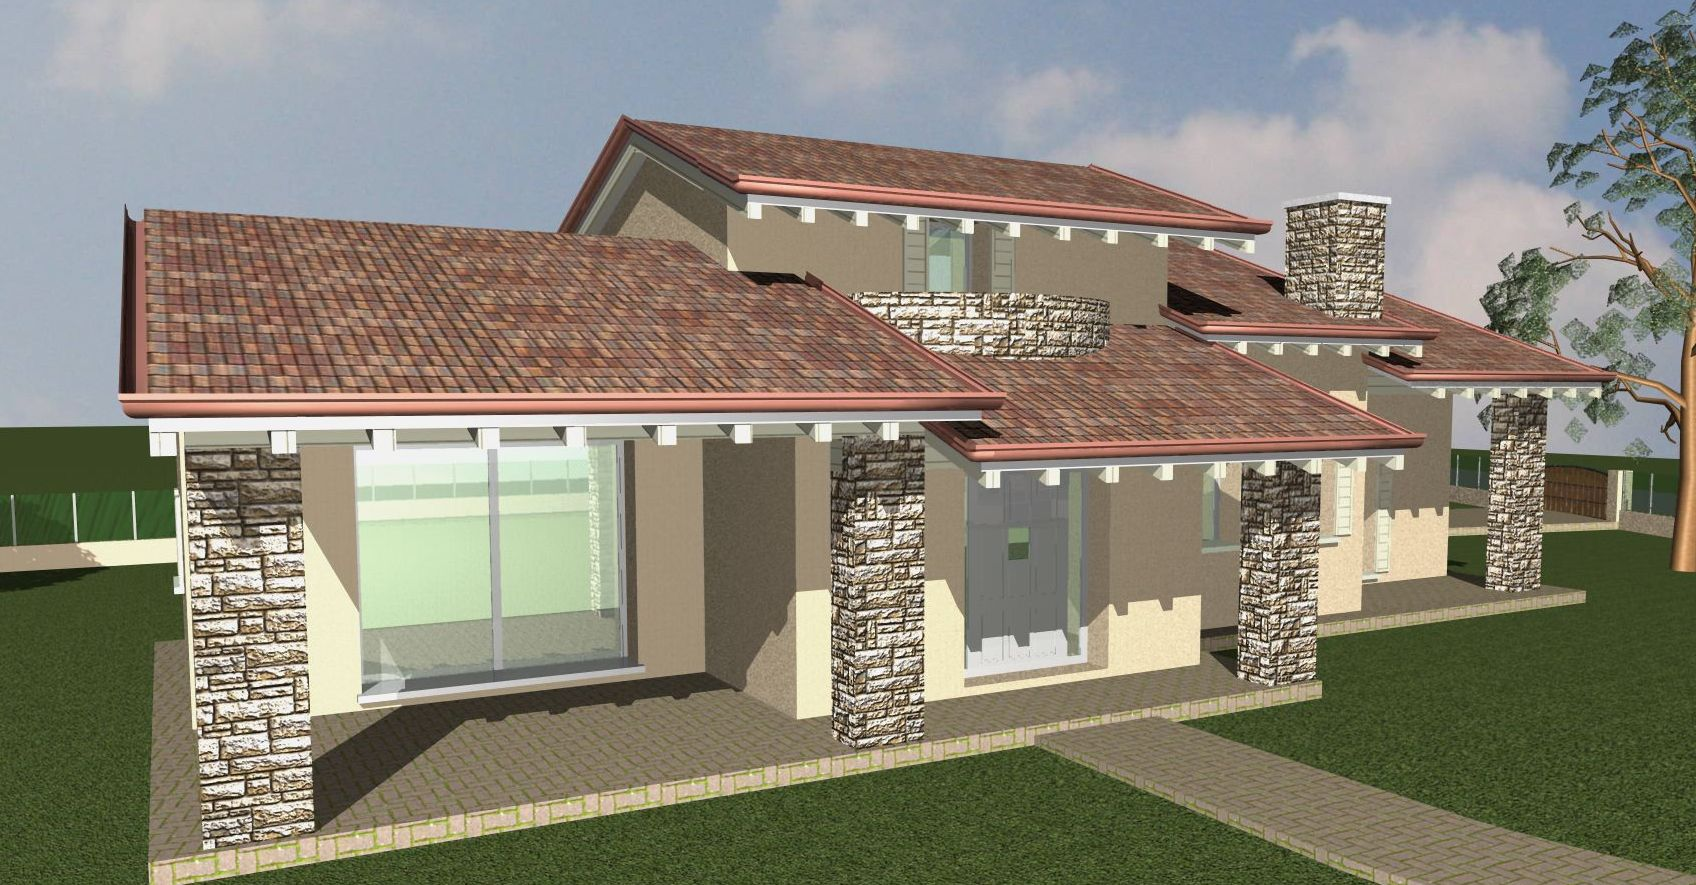 Progetto fabbricato unifamiliare progetti costruzione case for Villette moderne progetti